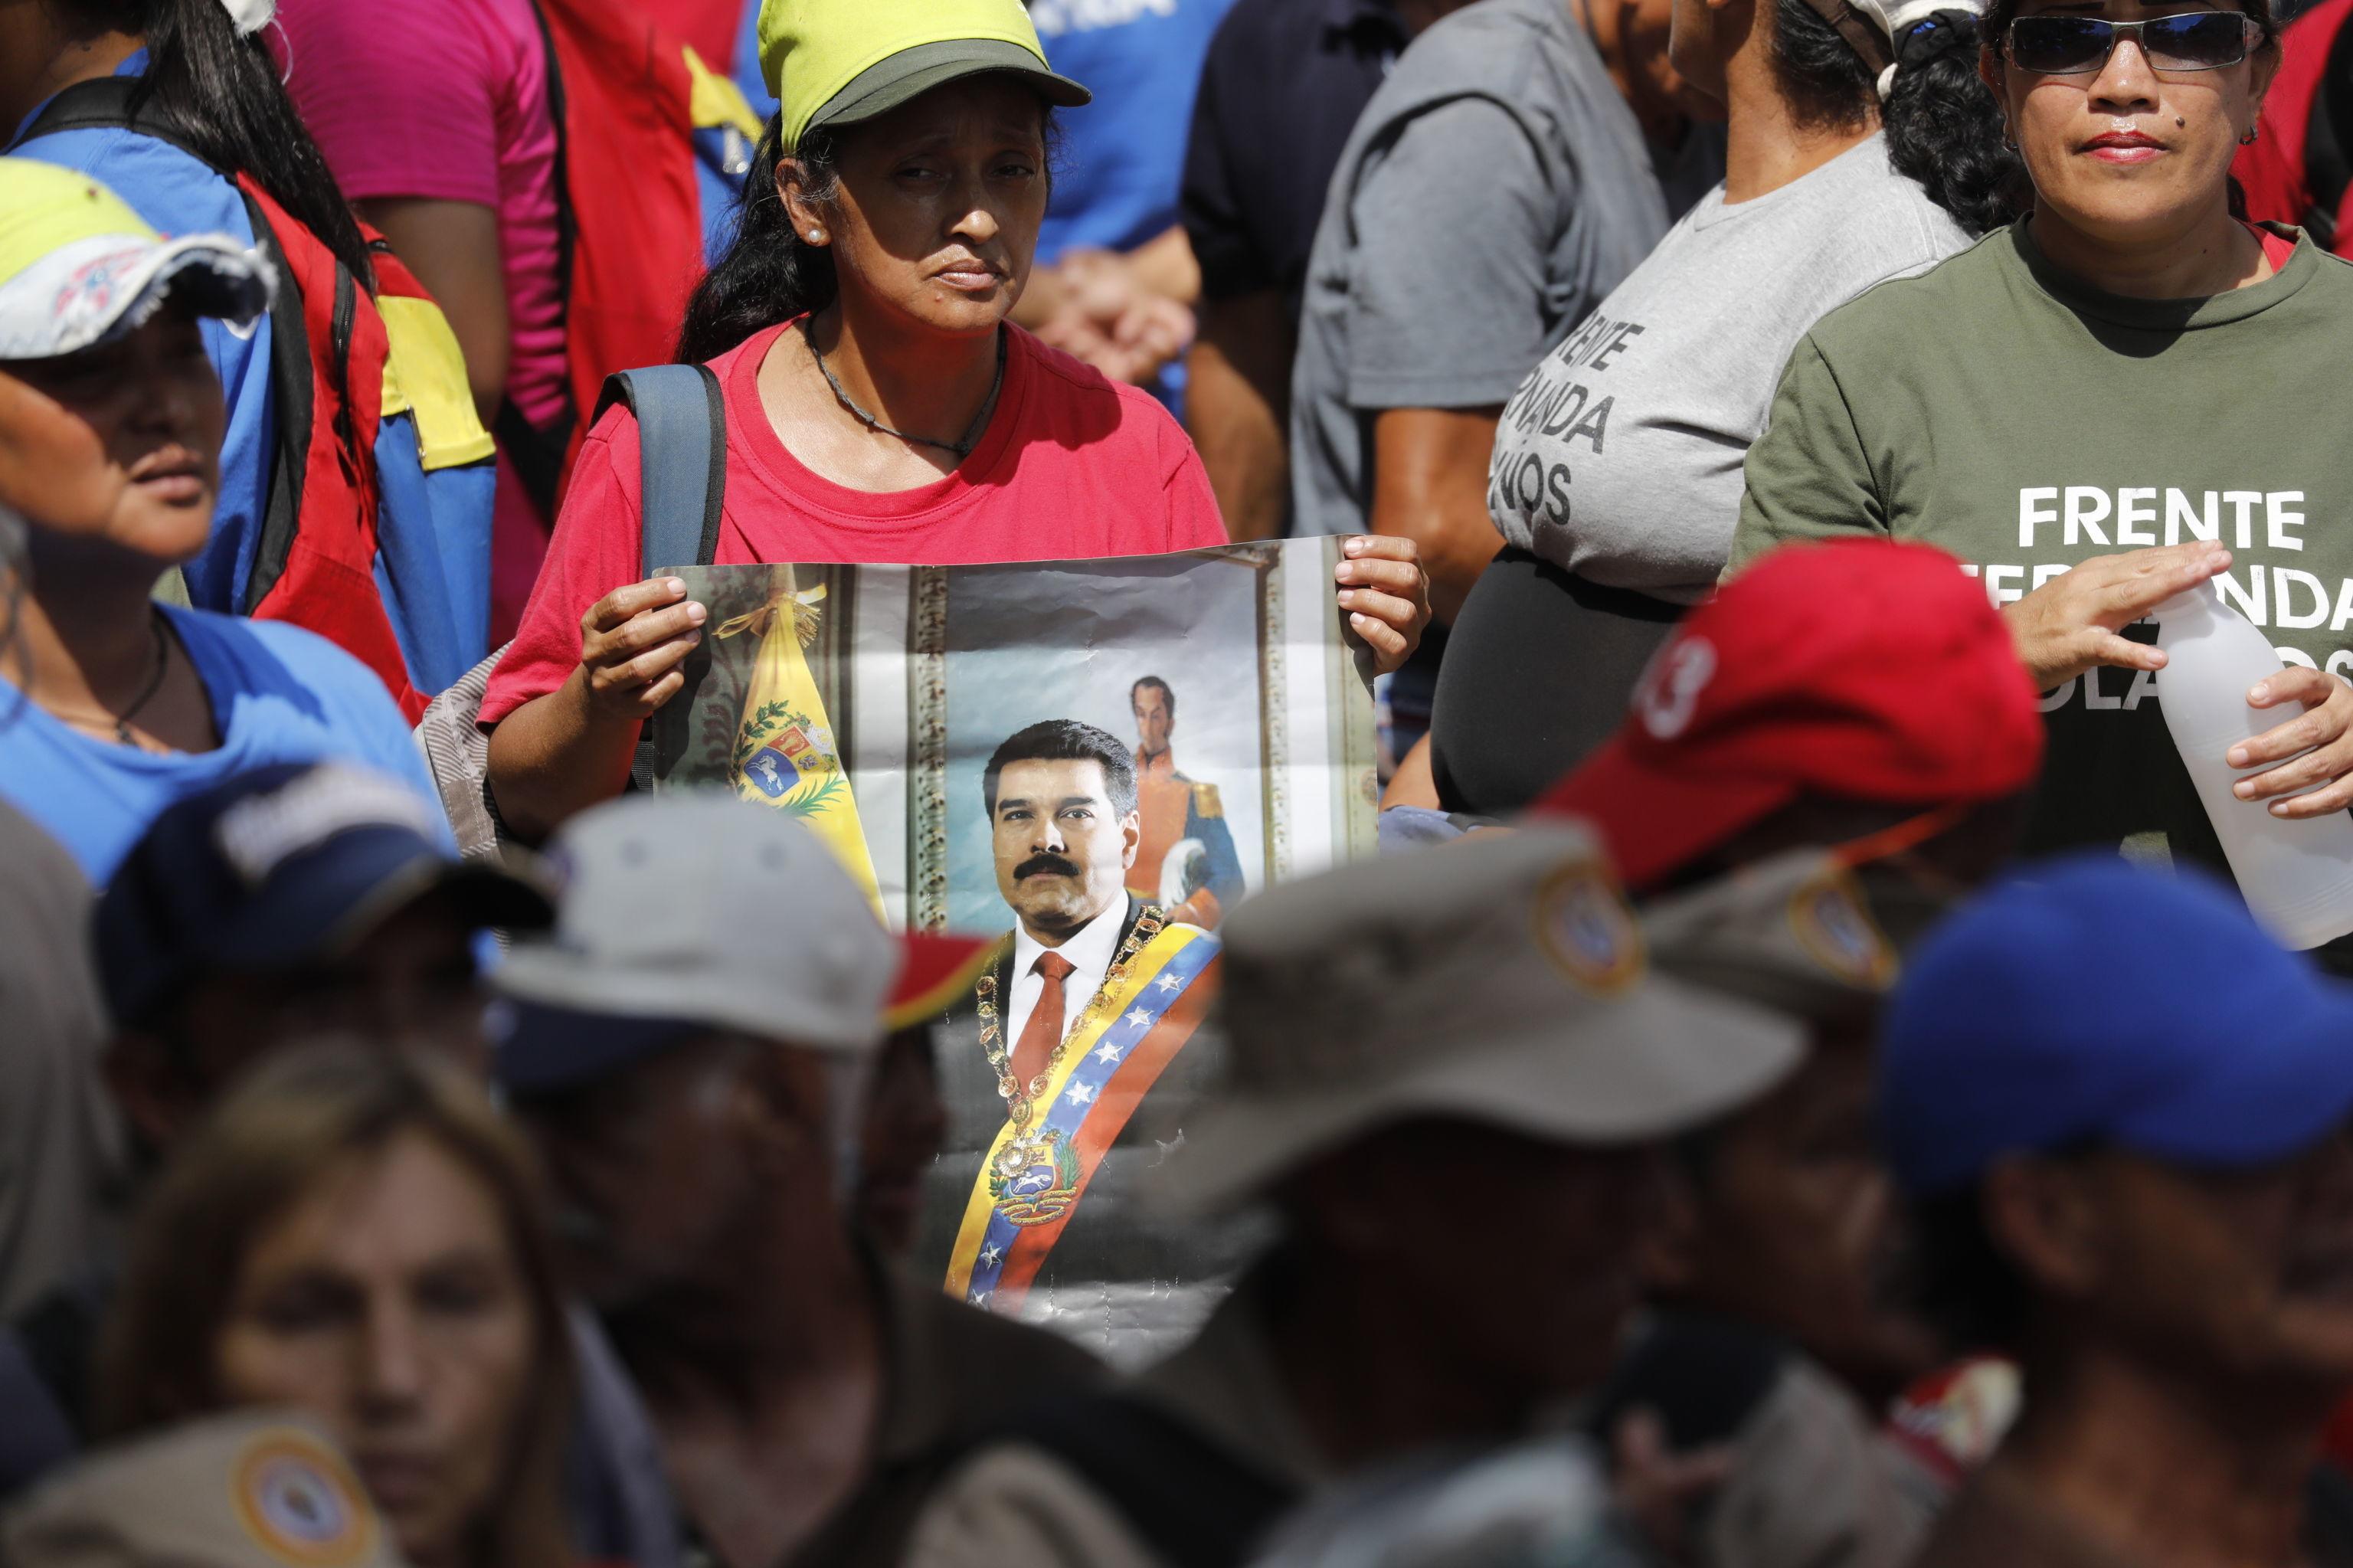 Apoiadores do presidente Nicolás Maduro em Caracas, na Venezuela (foto de arquivo)